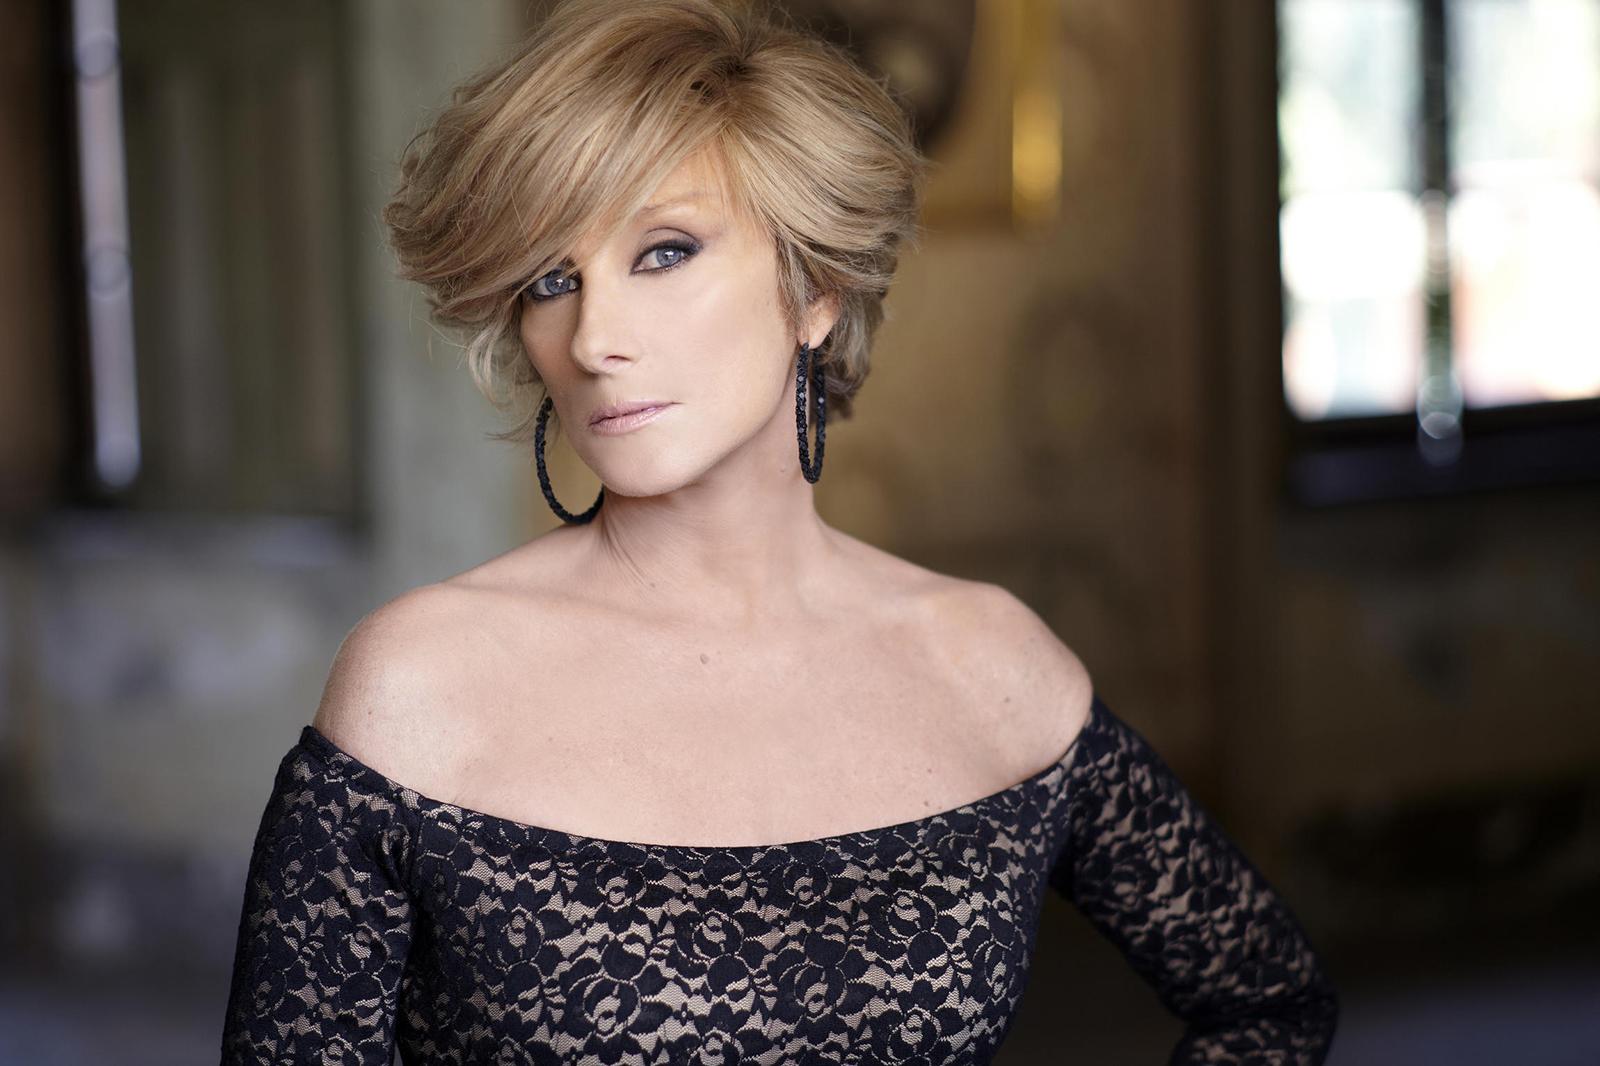 Muere la actriz Christian Bach a los 59 años - Campeche HOY